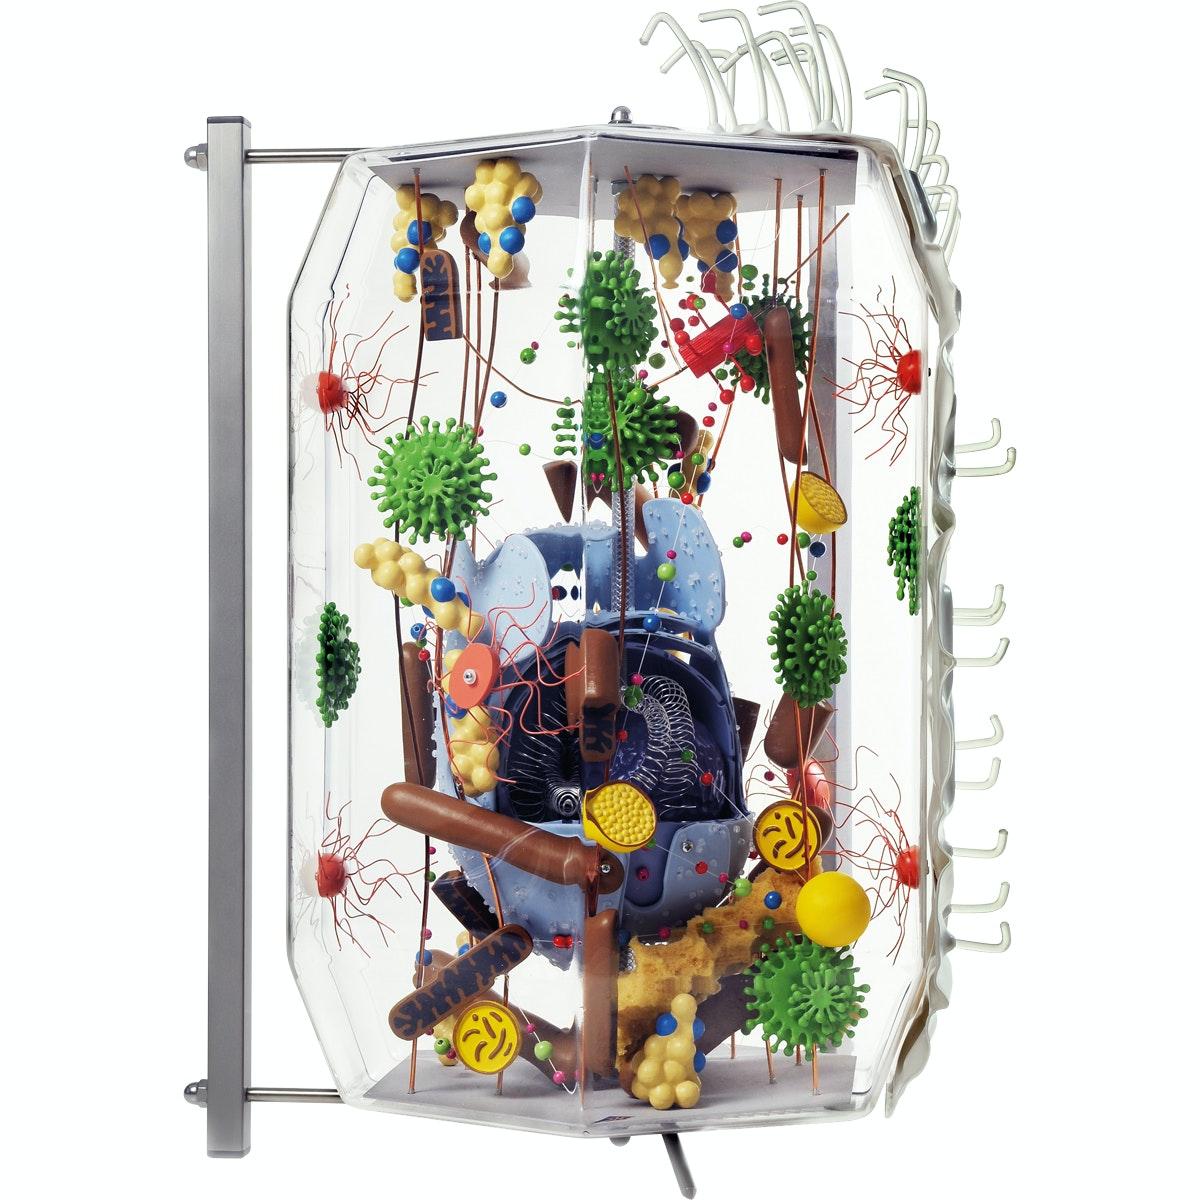 KÆMPE model af en udifferentieret menneskecellen i et elektronmikroskopisk perspektiv